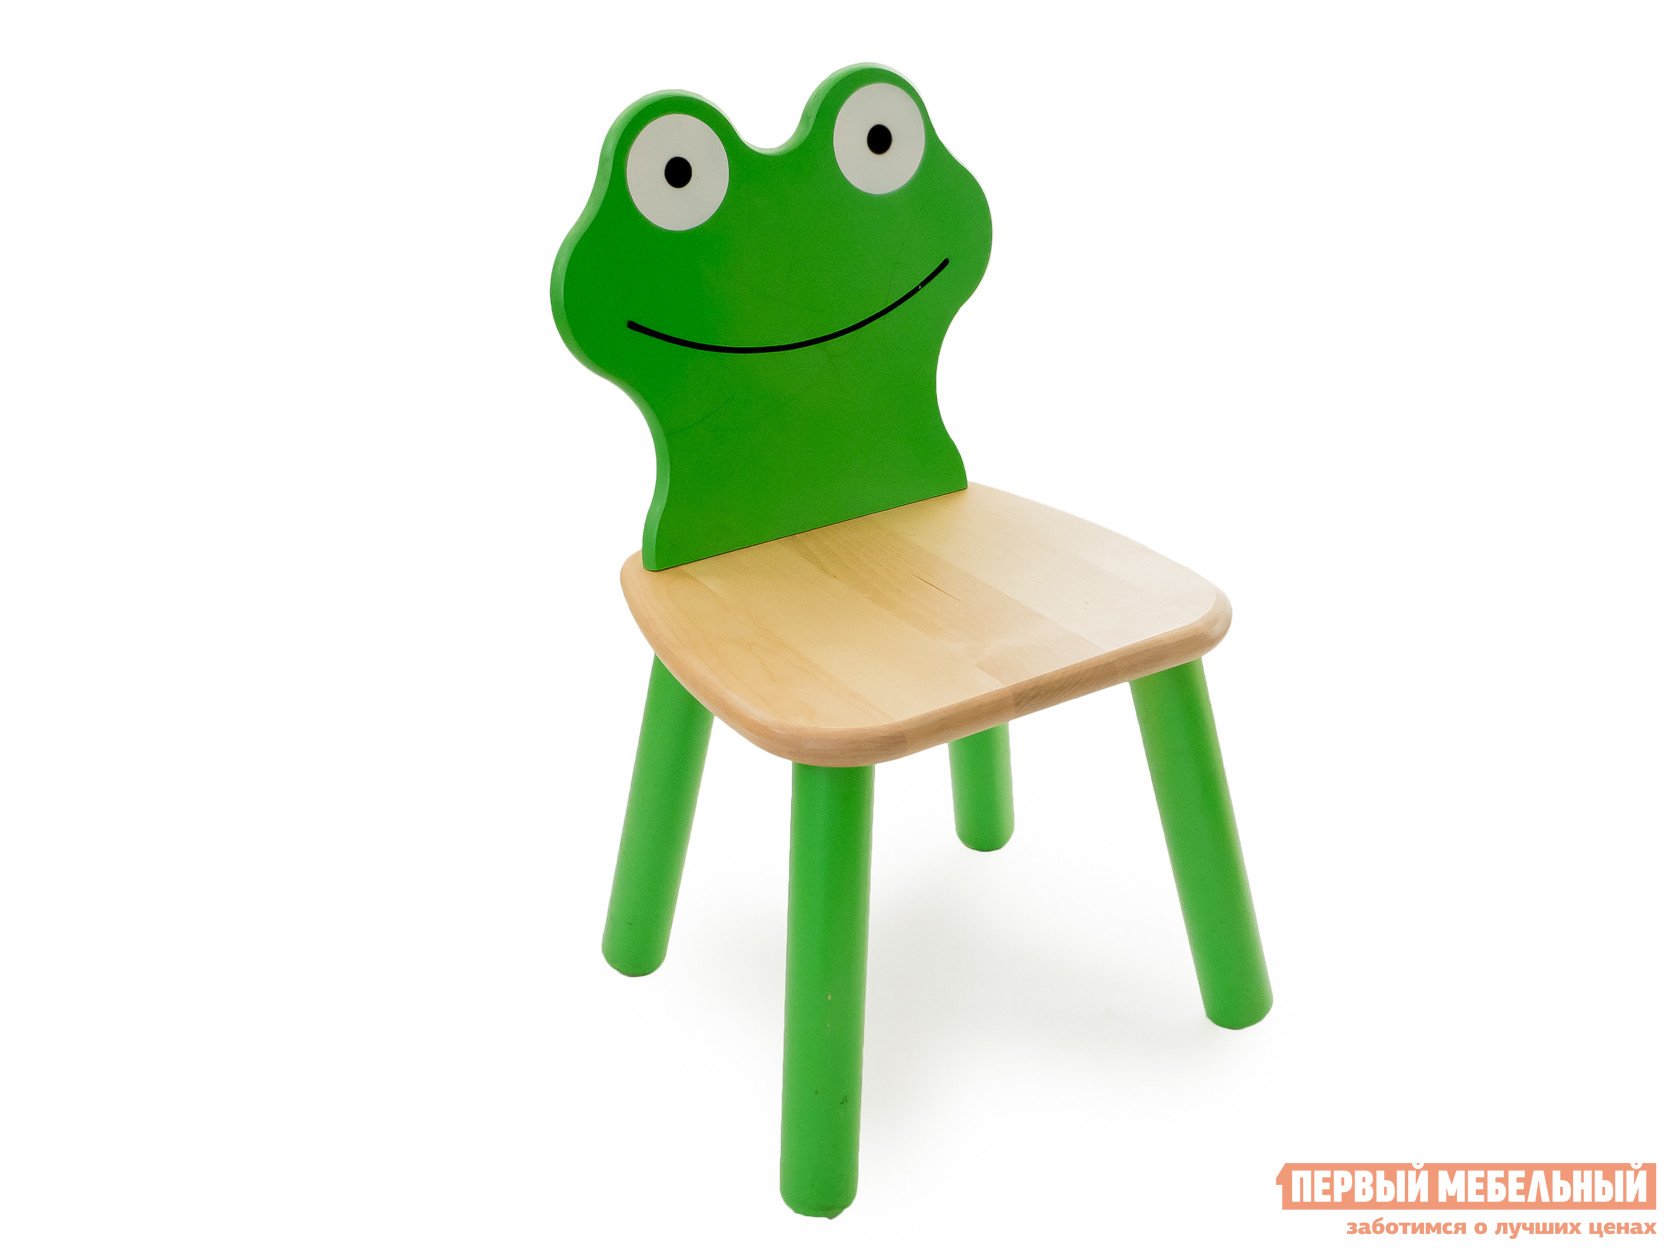 Столик и стульчик Боровичи Стул детский Лягушонок Ольха